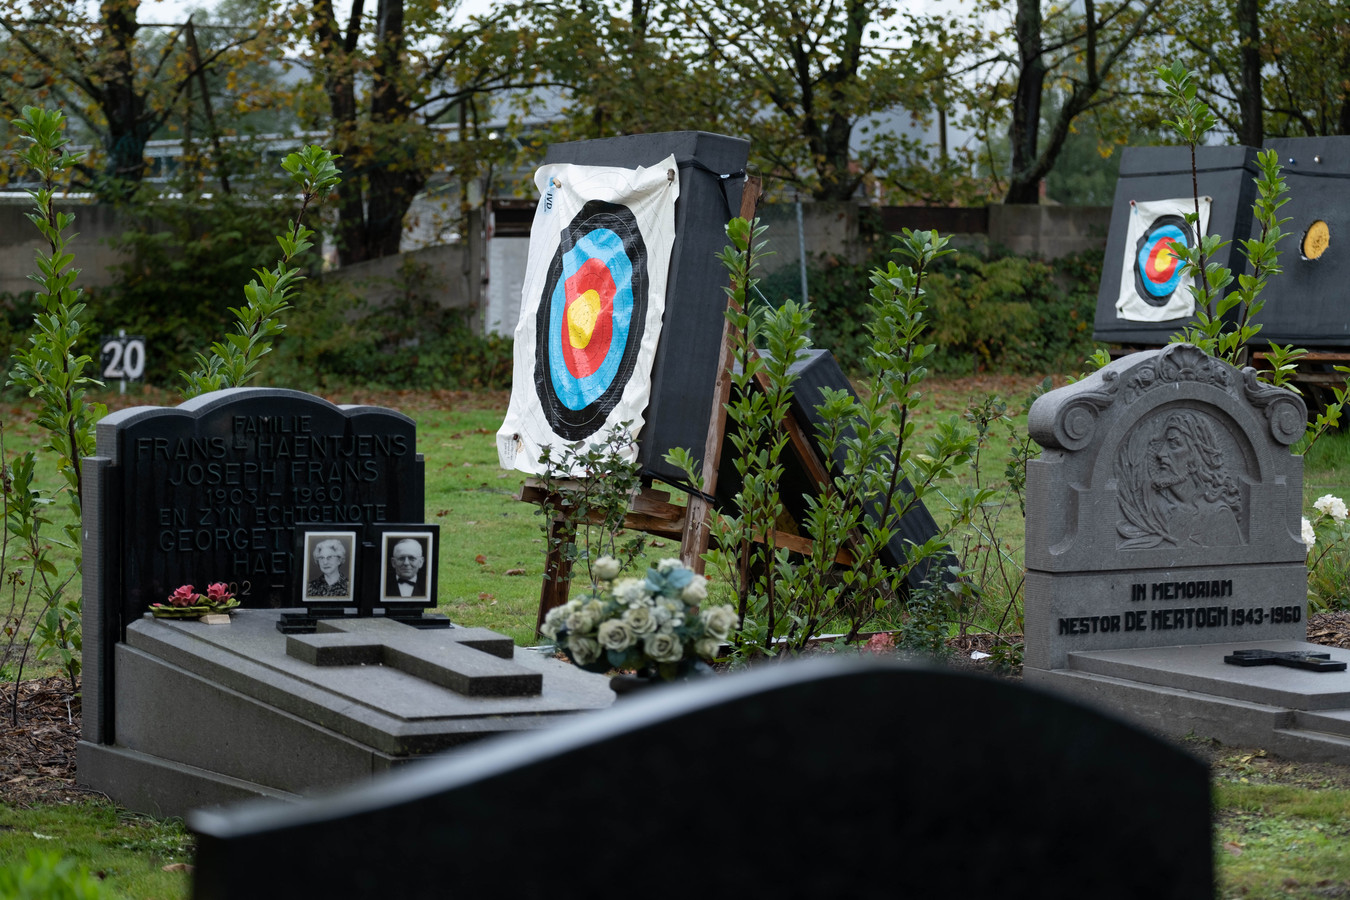 Het kerkhof van Rumst ligt naast een boogschietclub. Na het verwijderen van een haag staan de doelwitten nu wel erg dicht in de buurt van de graven.